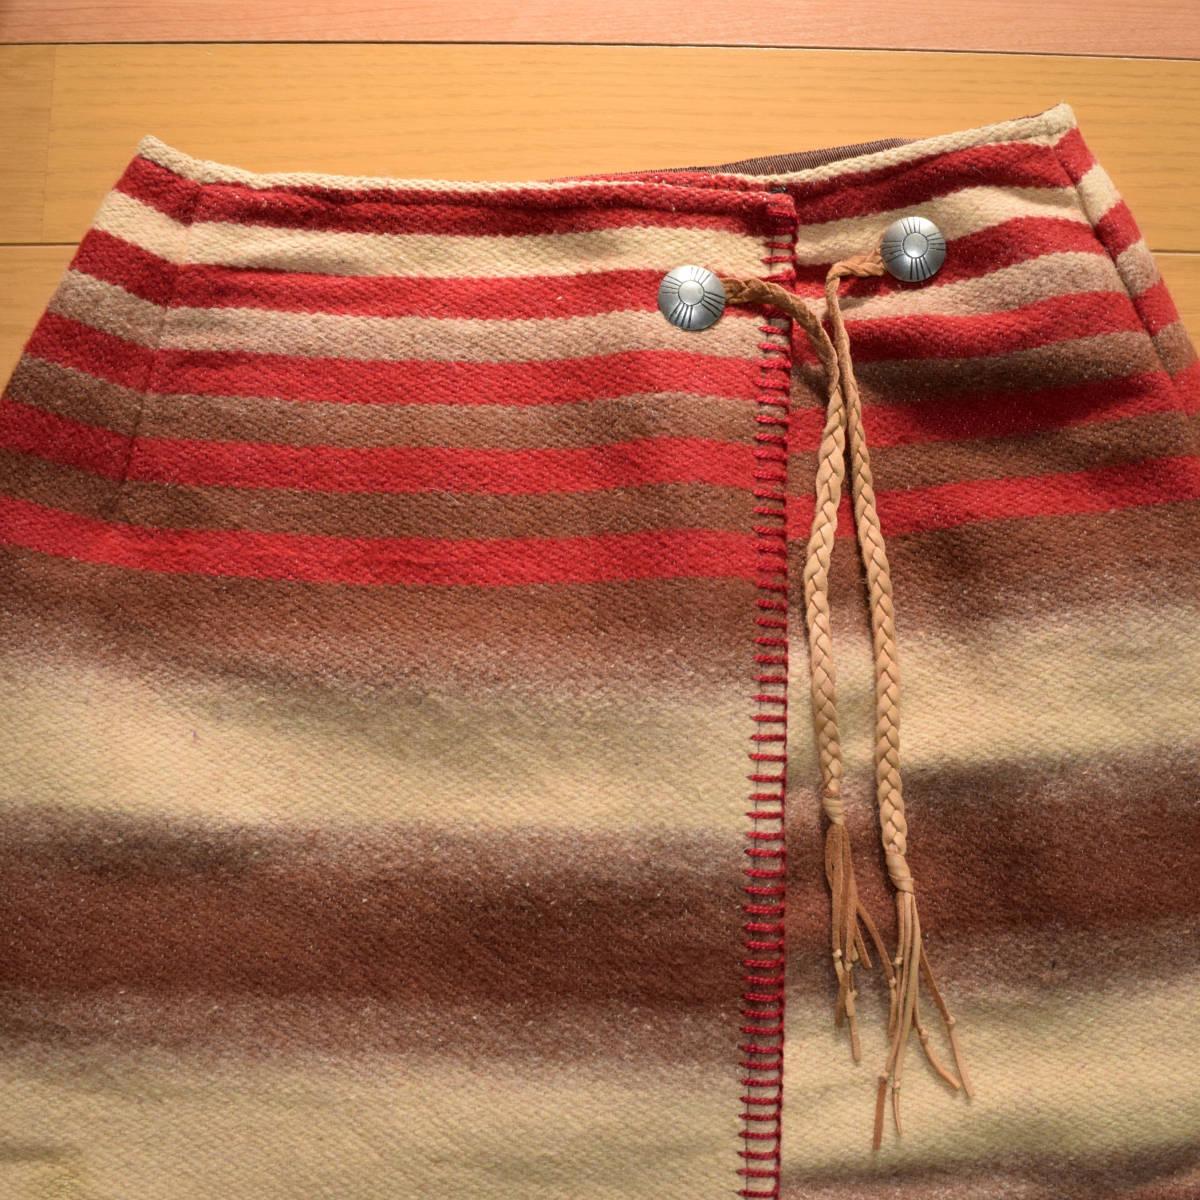 美品!USA製 ポロカントリー ネイティブ柄 ブランケット M ラグ ロング 巻きスカート コンチョ付 古着 ナバホ インディアン ビンテージ_画像2